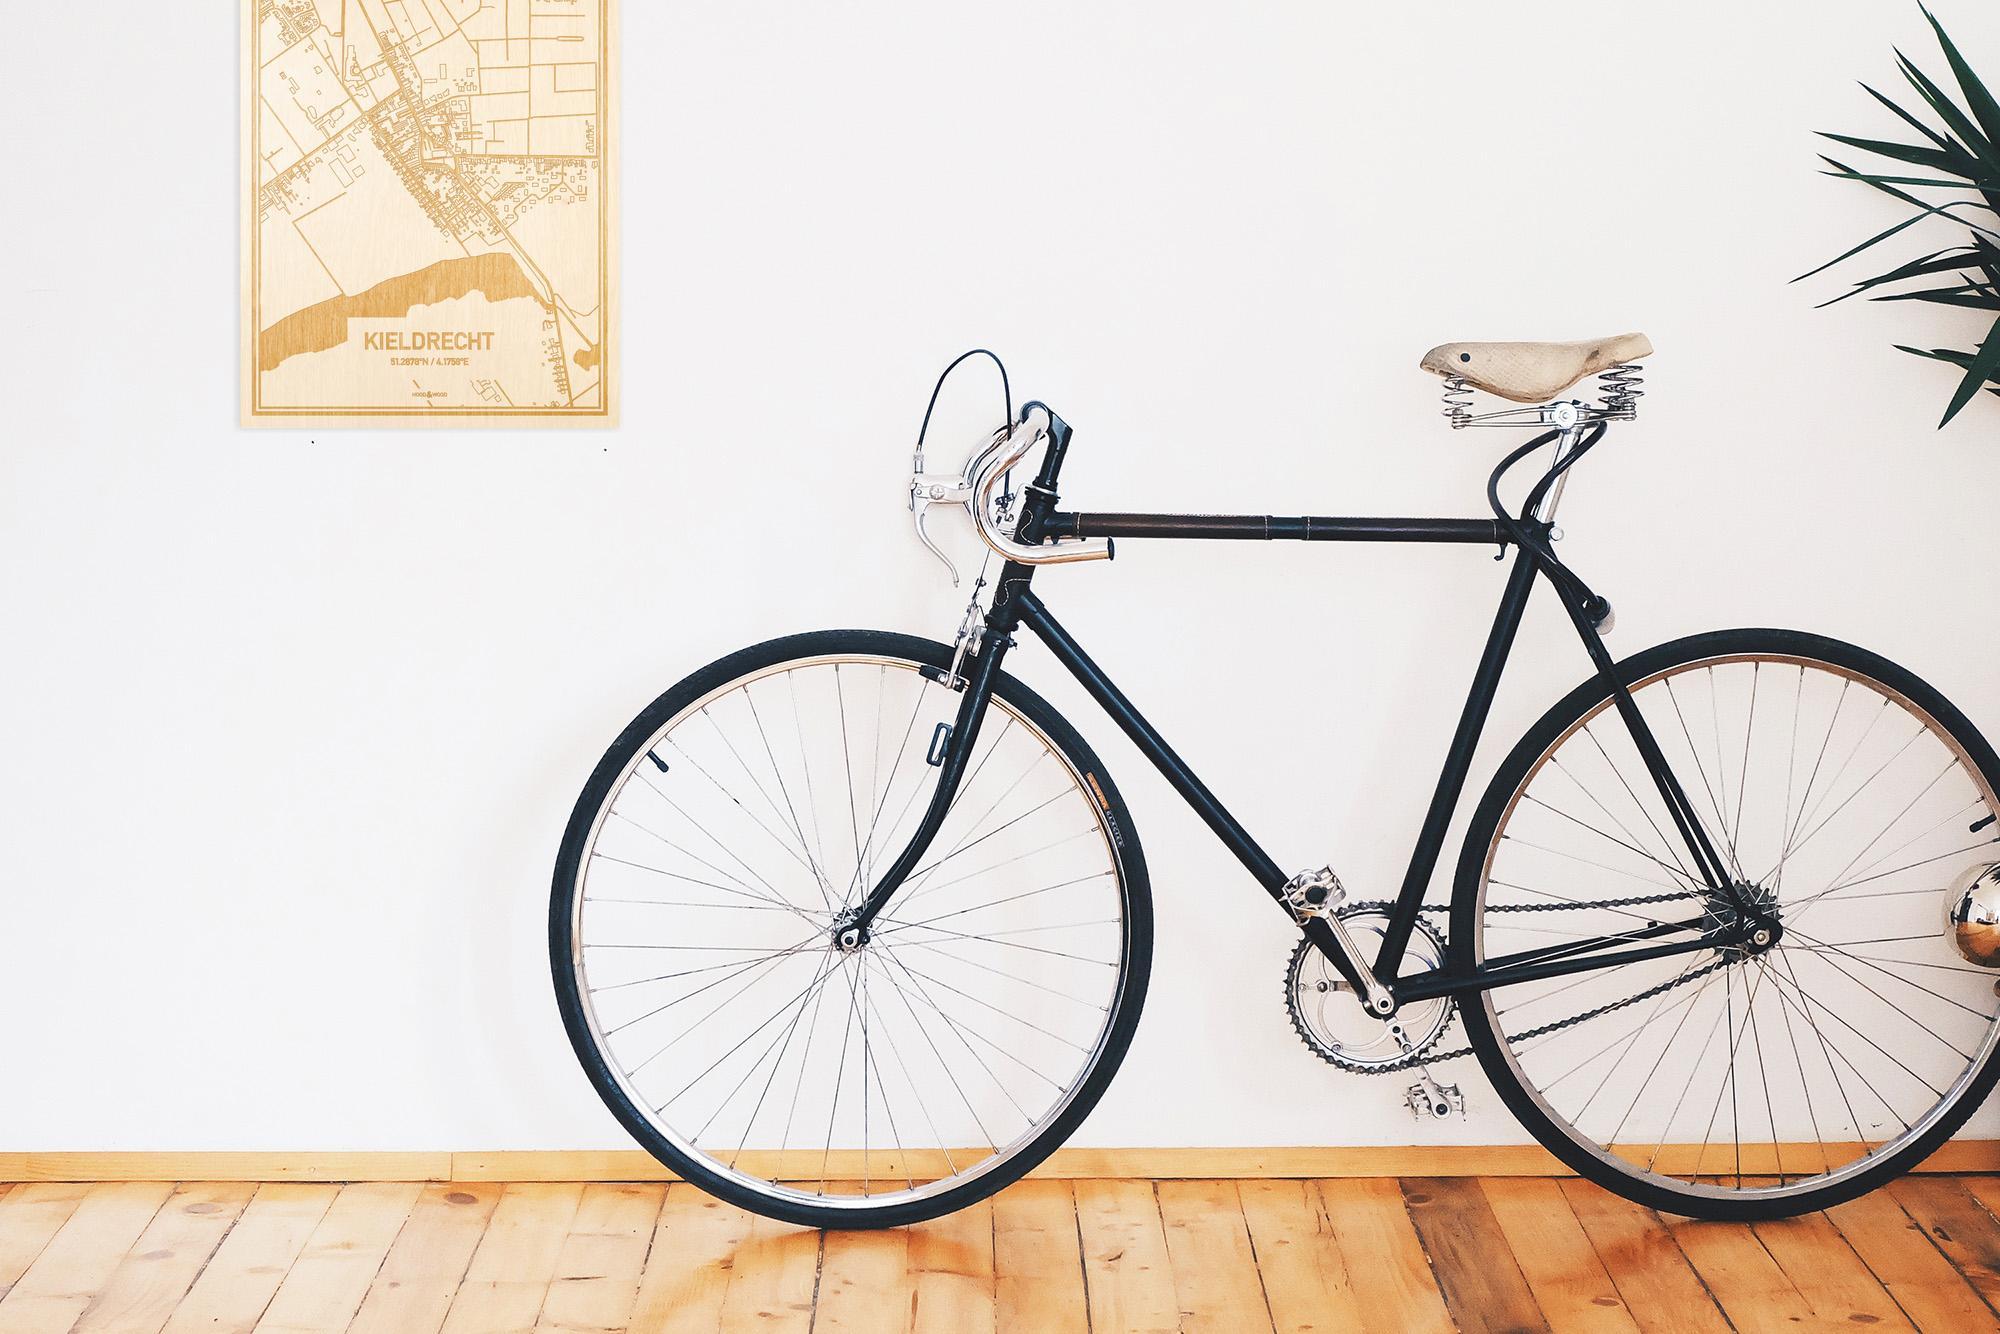 Een snelle fiets in een uniek interieur in Oost-Vlaanderen  met mooie decoratie zoals de plattegrond Kieldrecht.